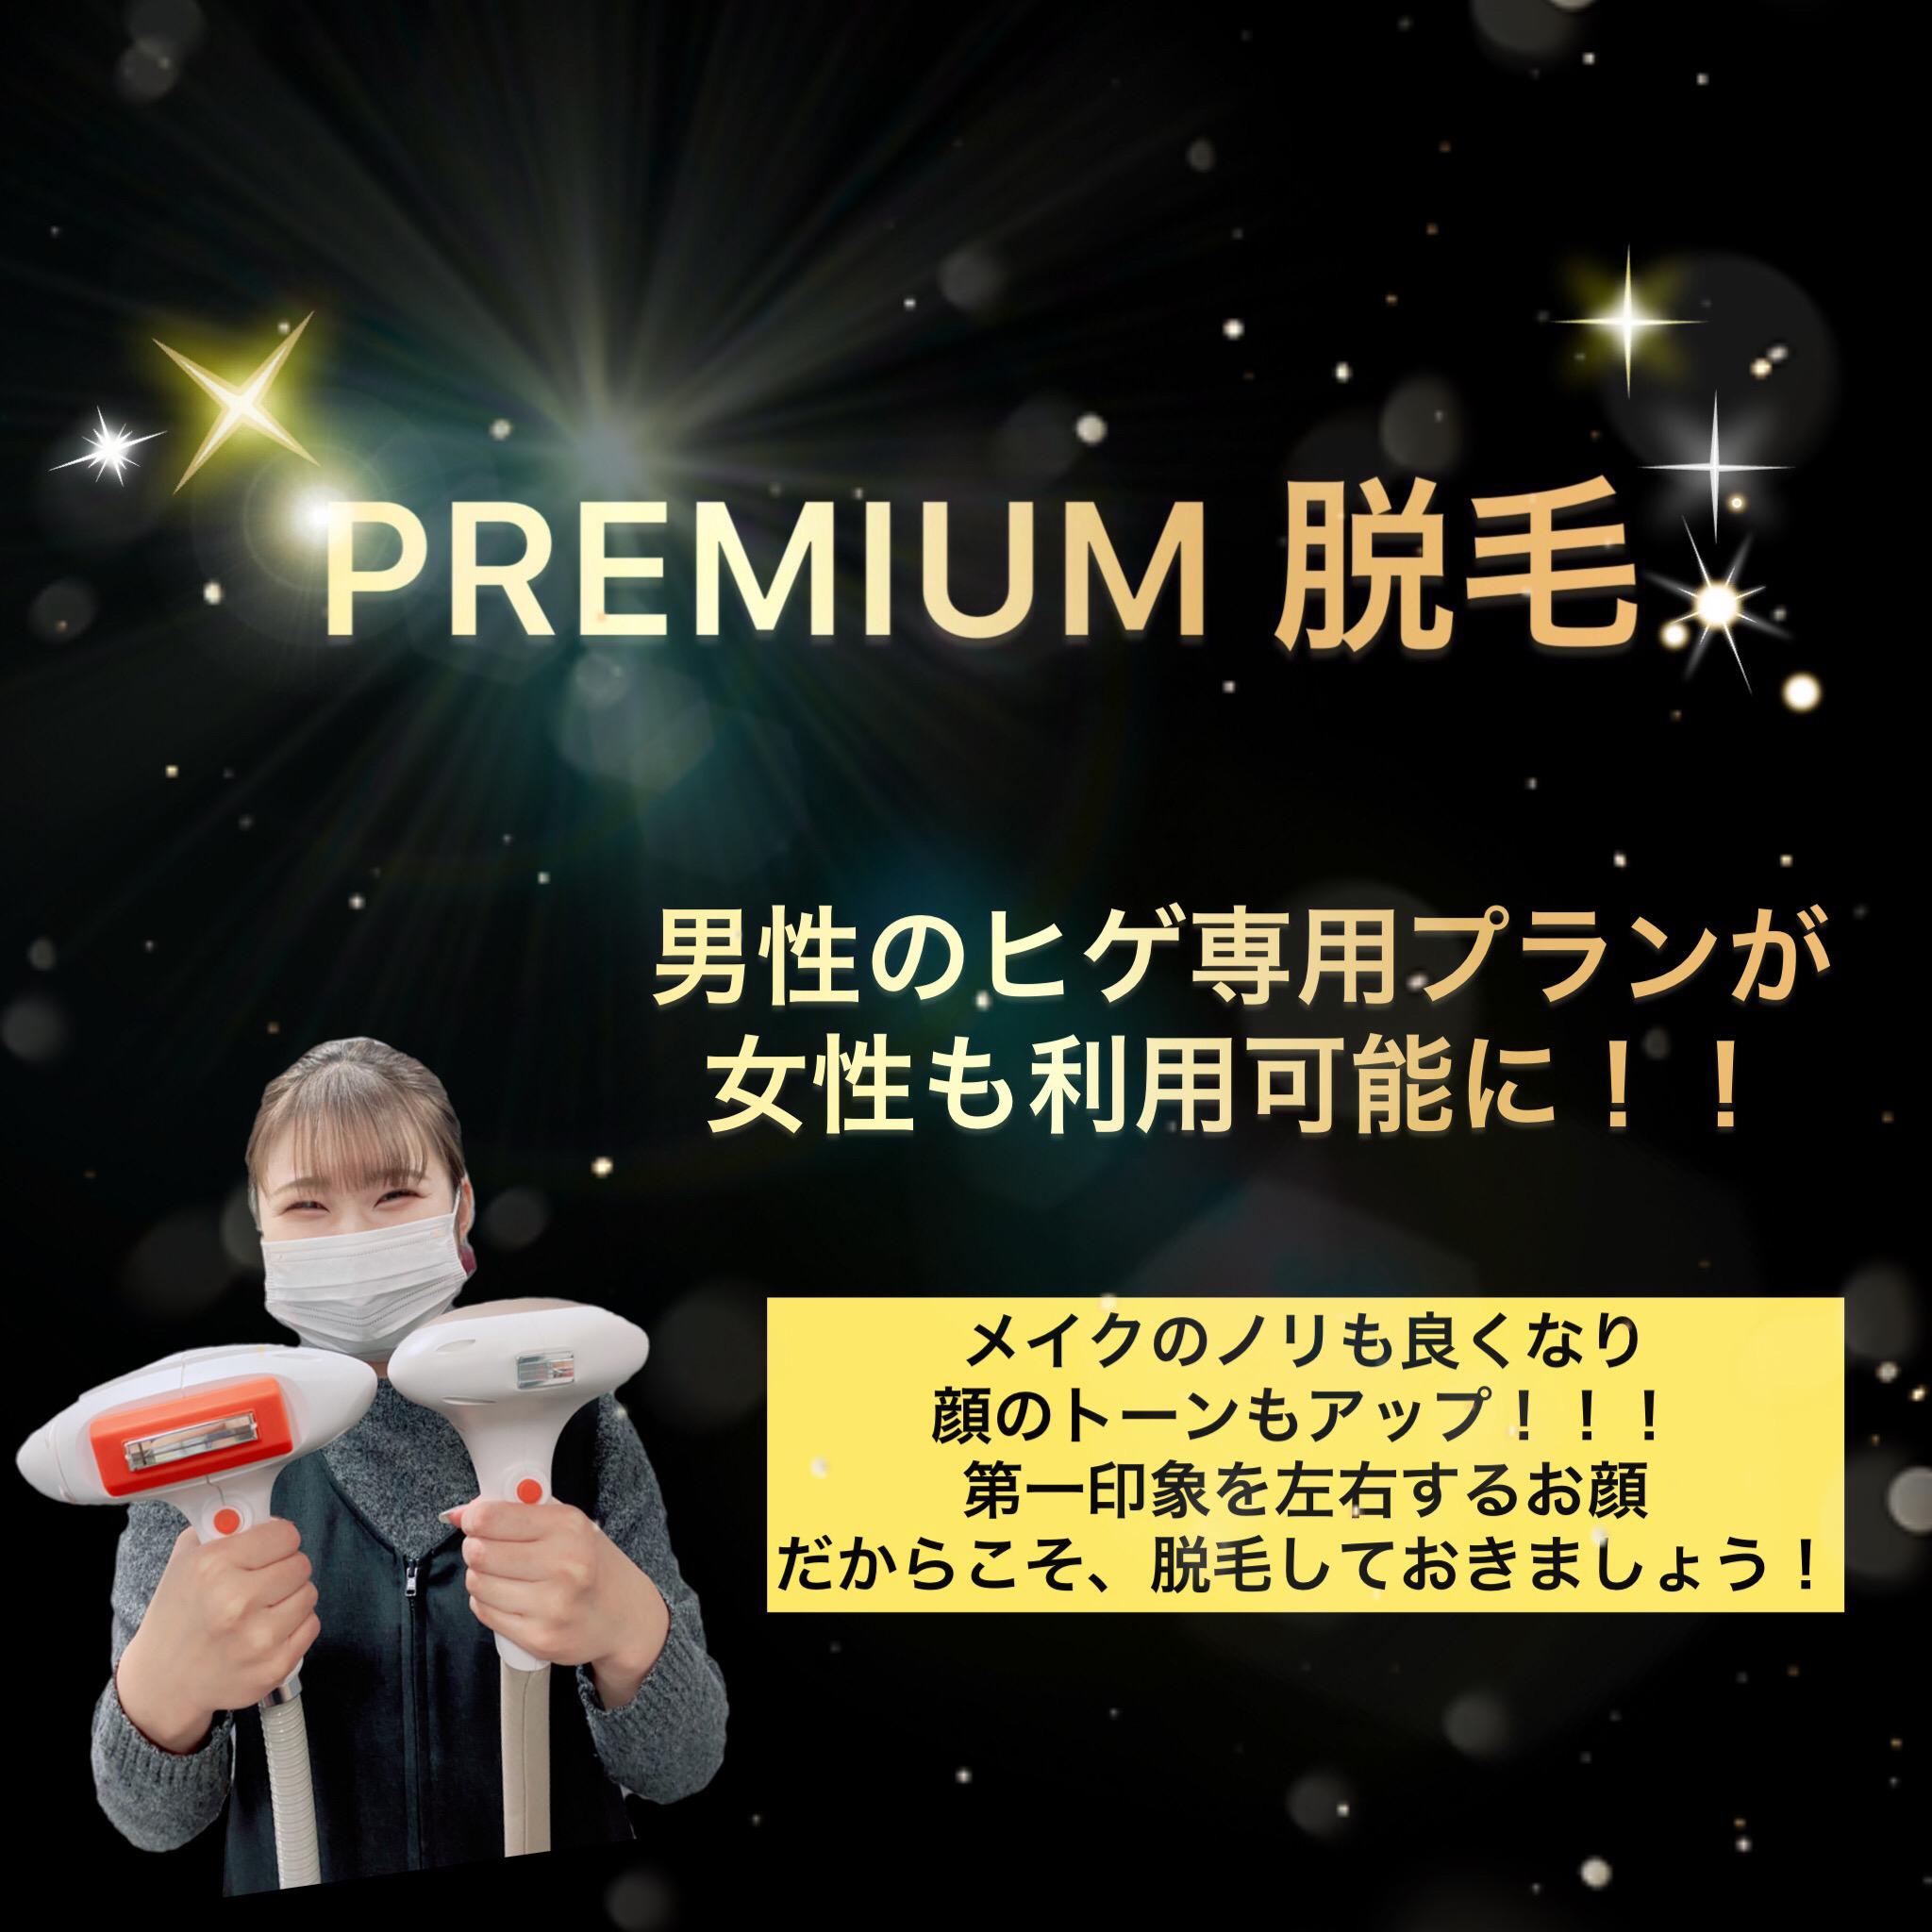 プレミアム脱毛解禁!!👀のサムネイル画像